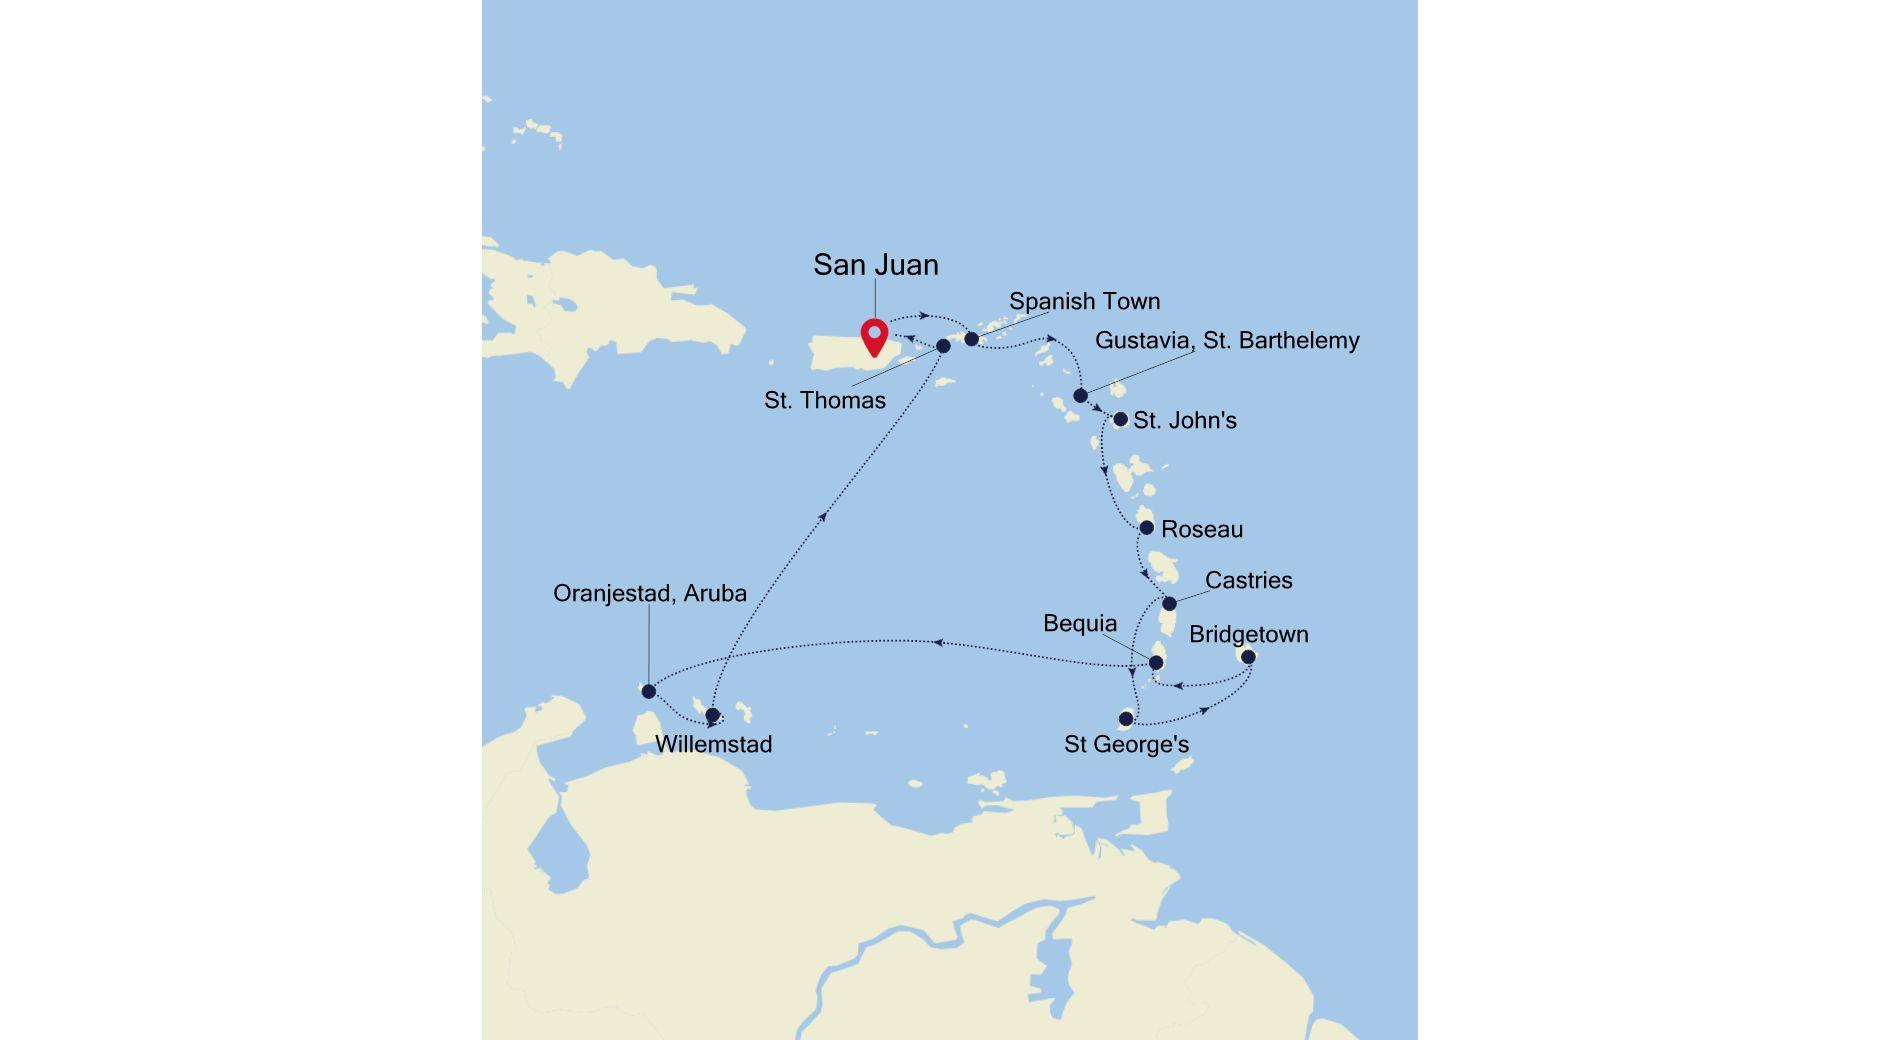 SS210222014 - San Juan a San Juan